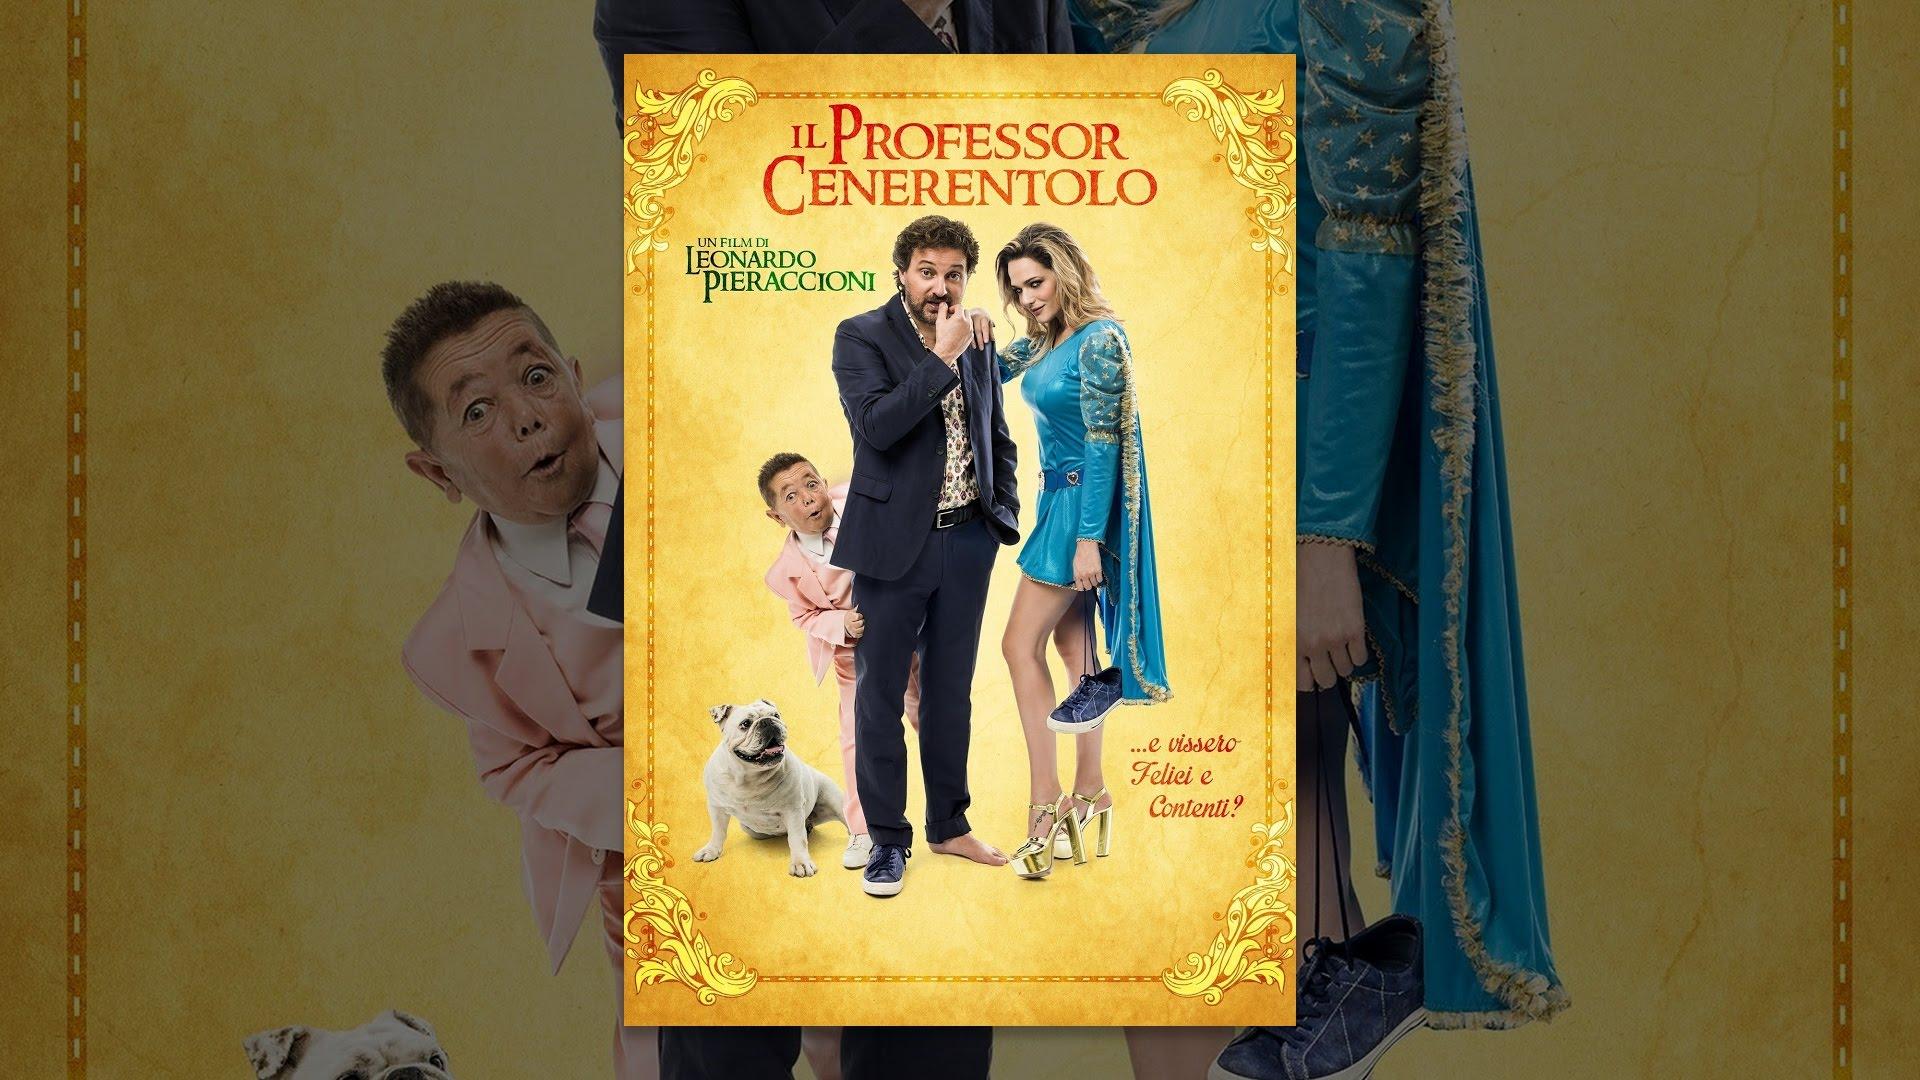 Il Professor Cenerentolo Youtube